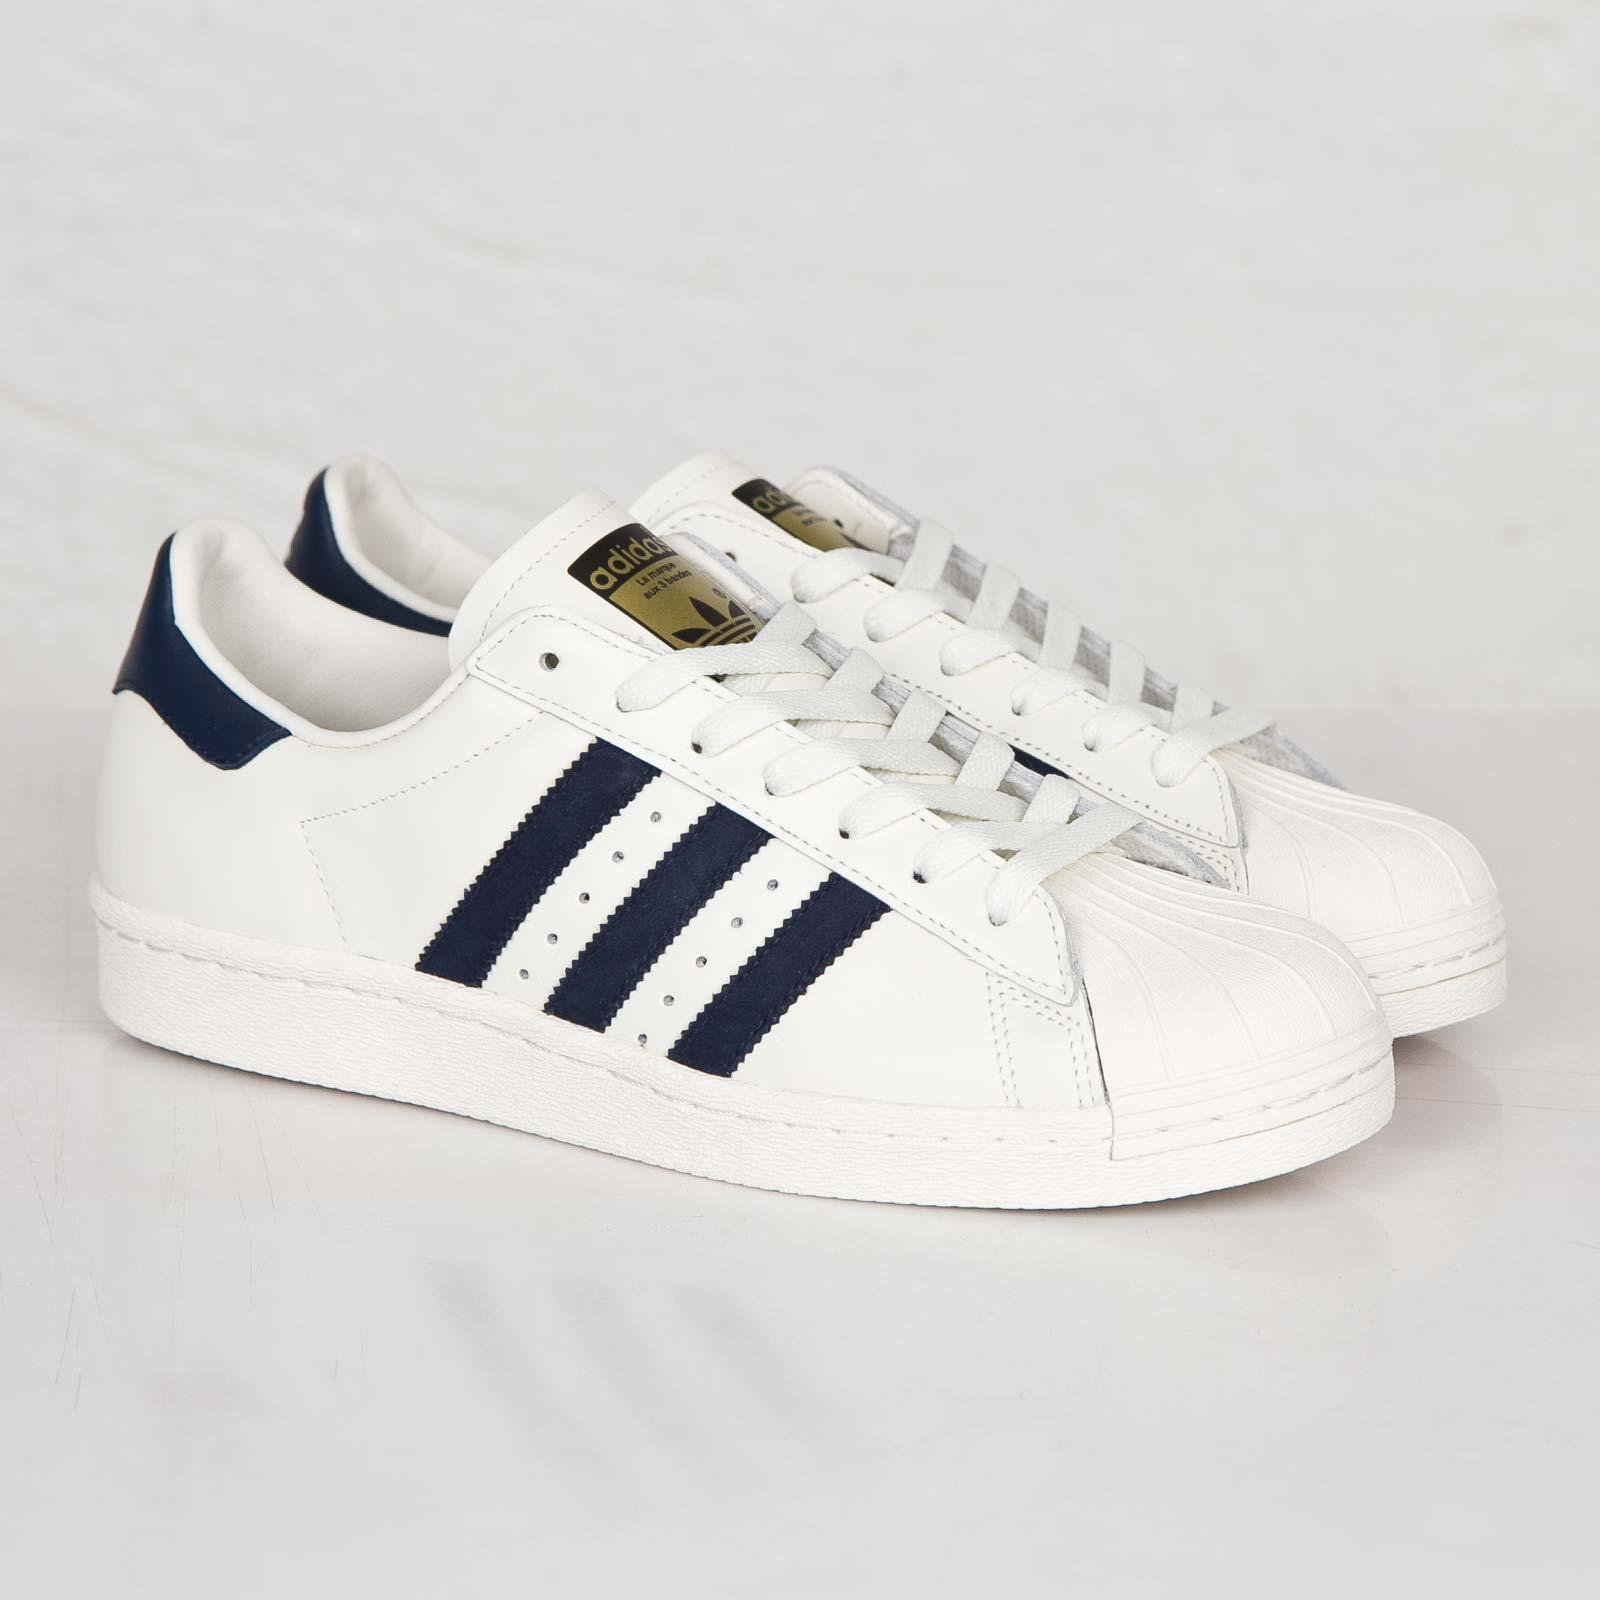 adidas Superstar 80s Deluxe B25964 Sneakersnstuff